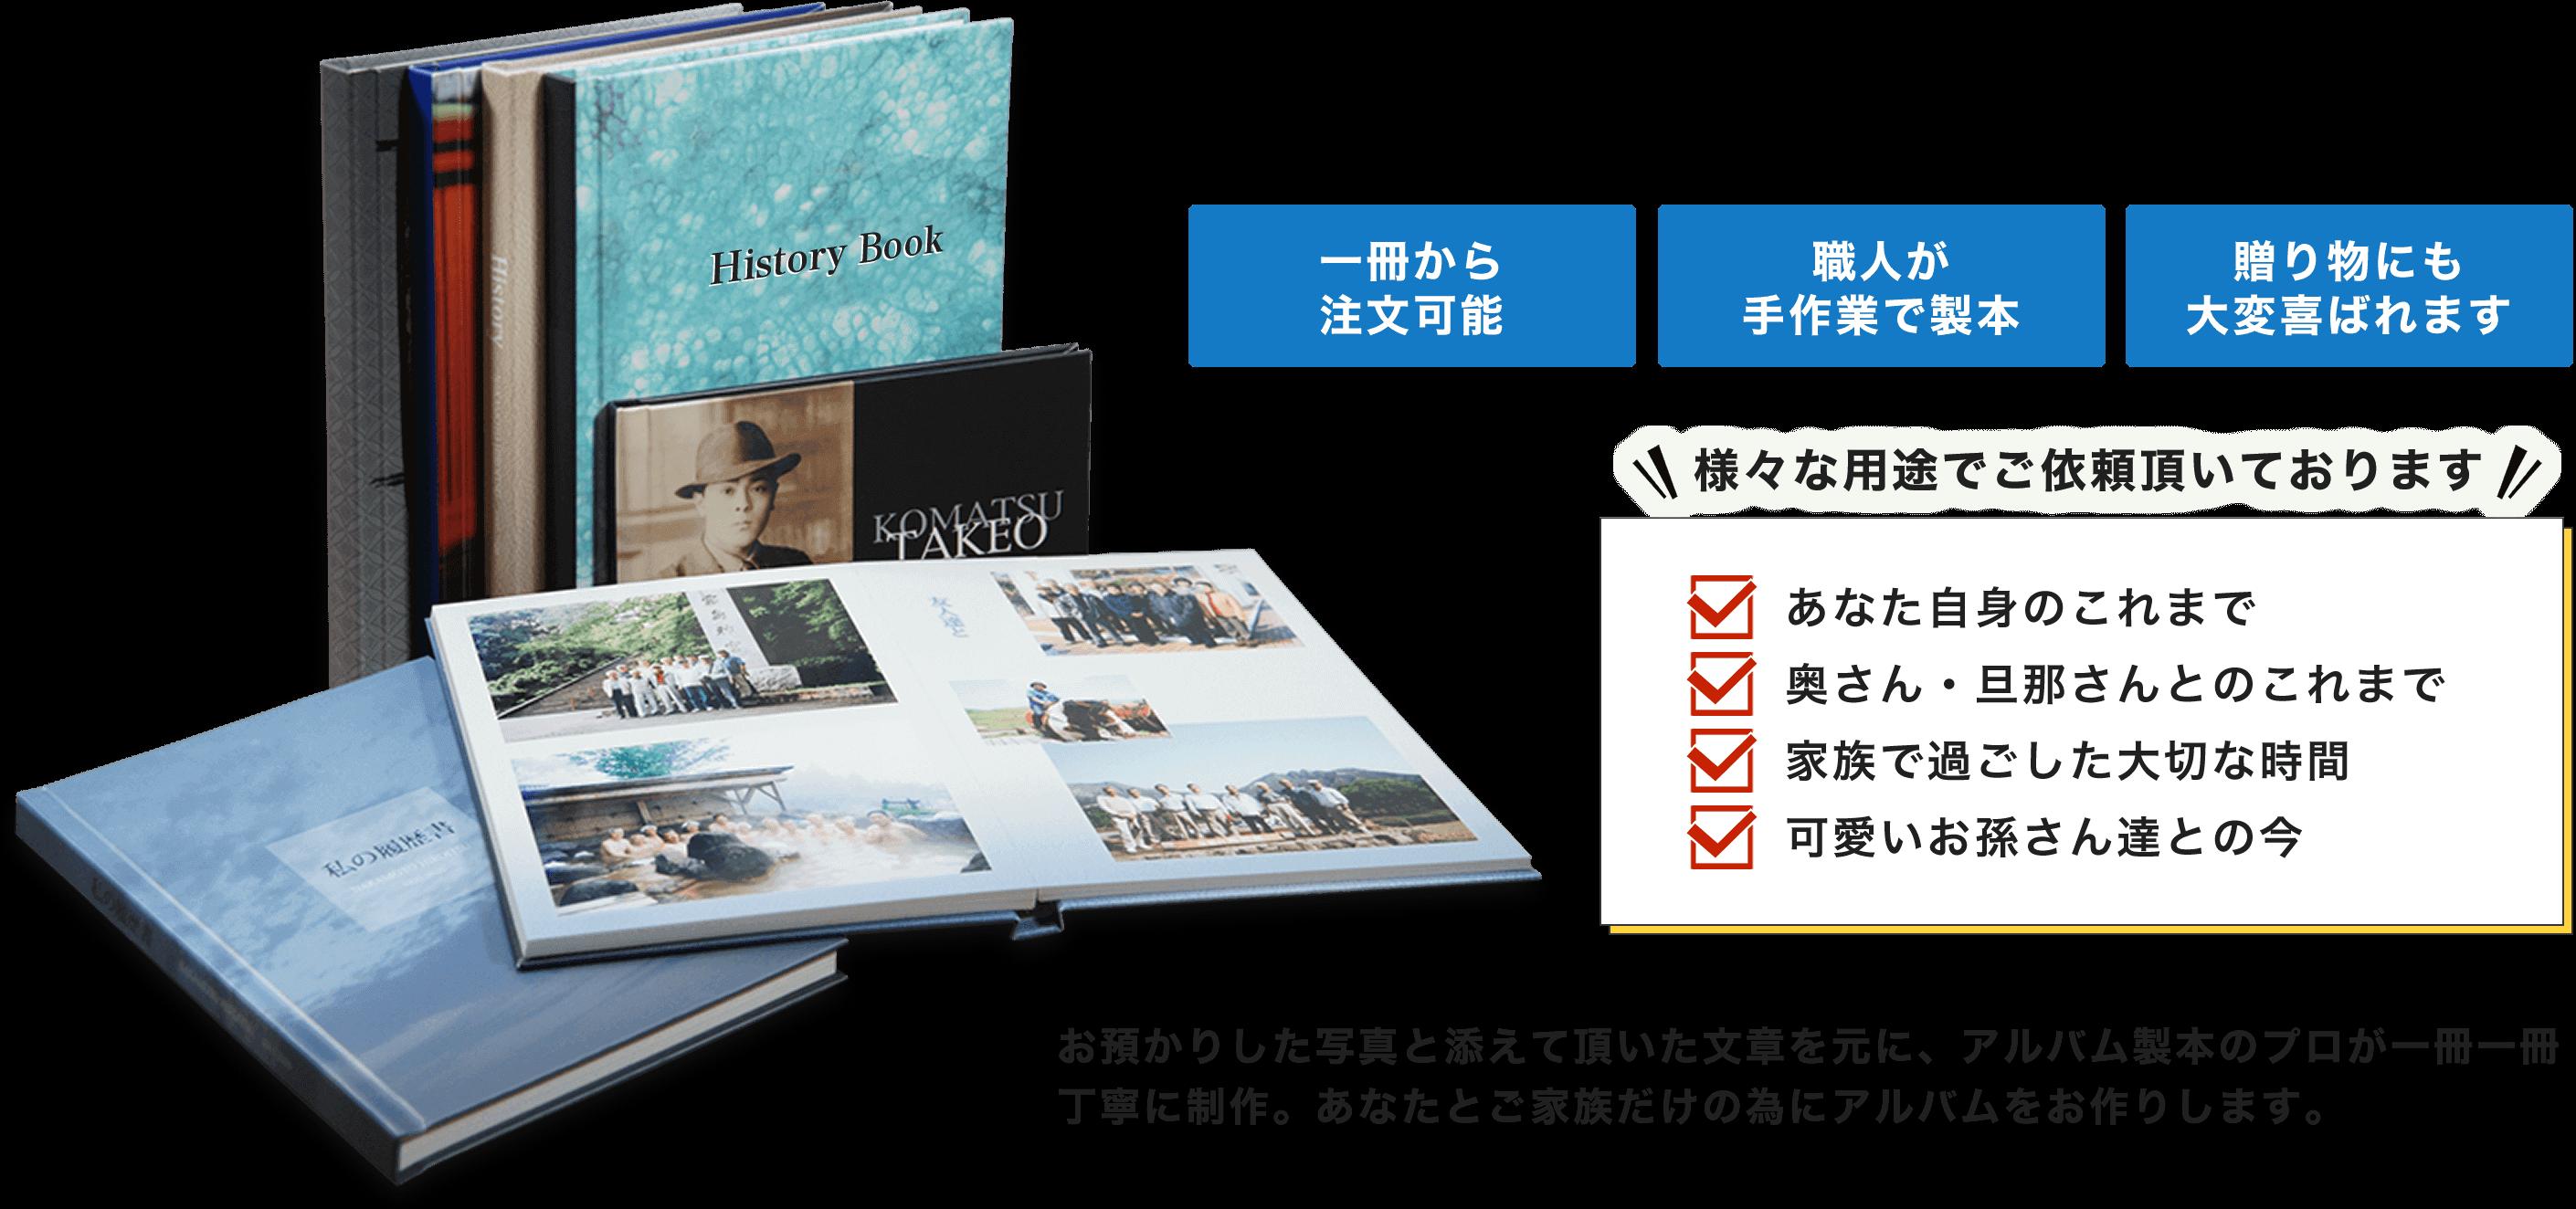 「一冊から注文可能」「職人が手作業で製本」「贈り物にも大変喜ばれます」